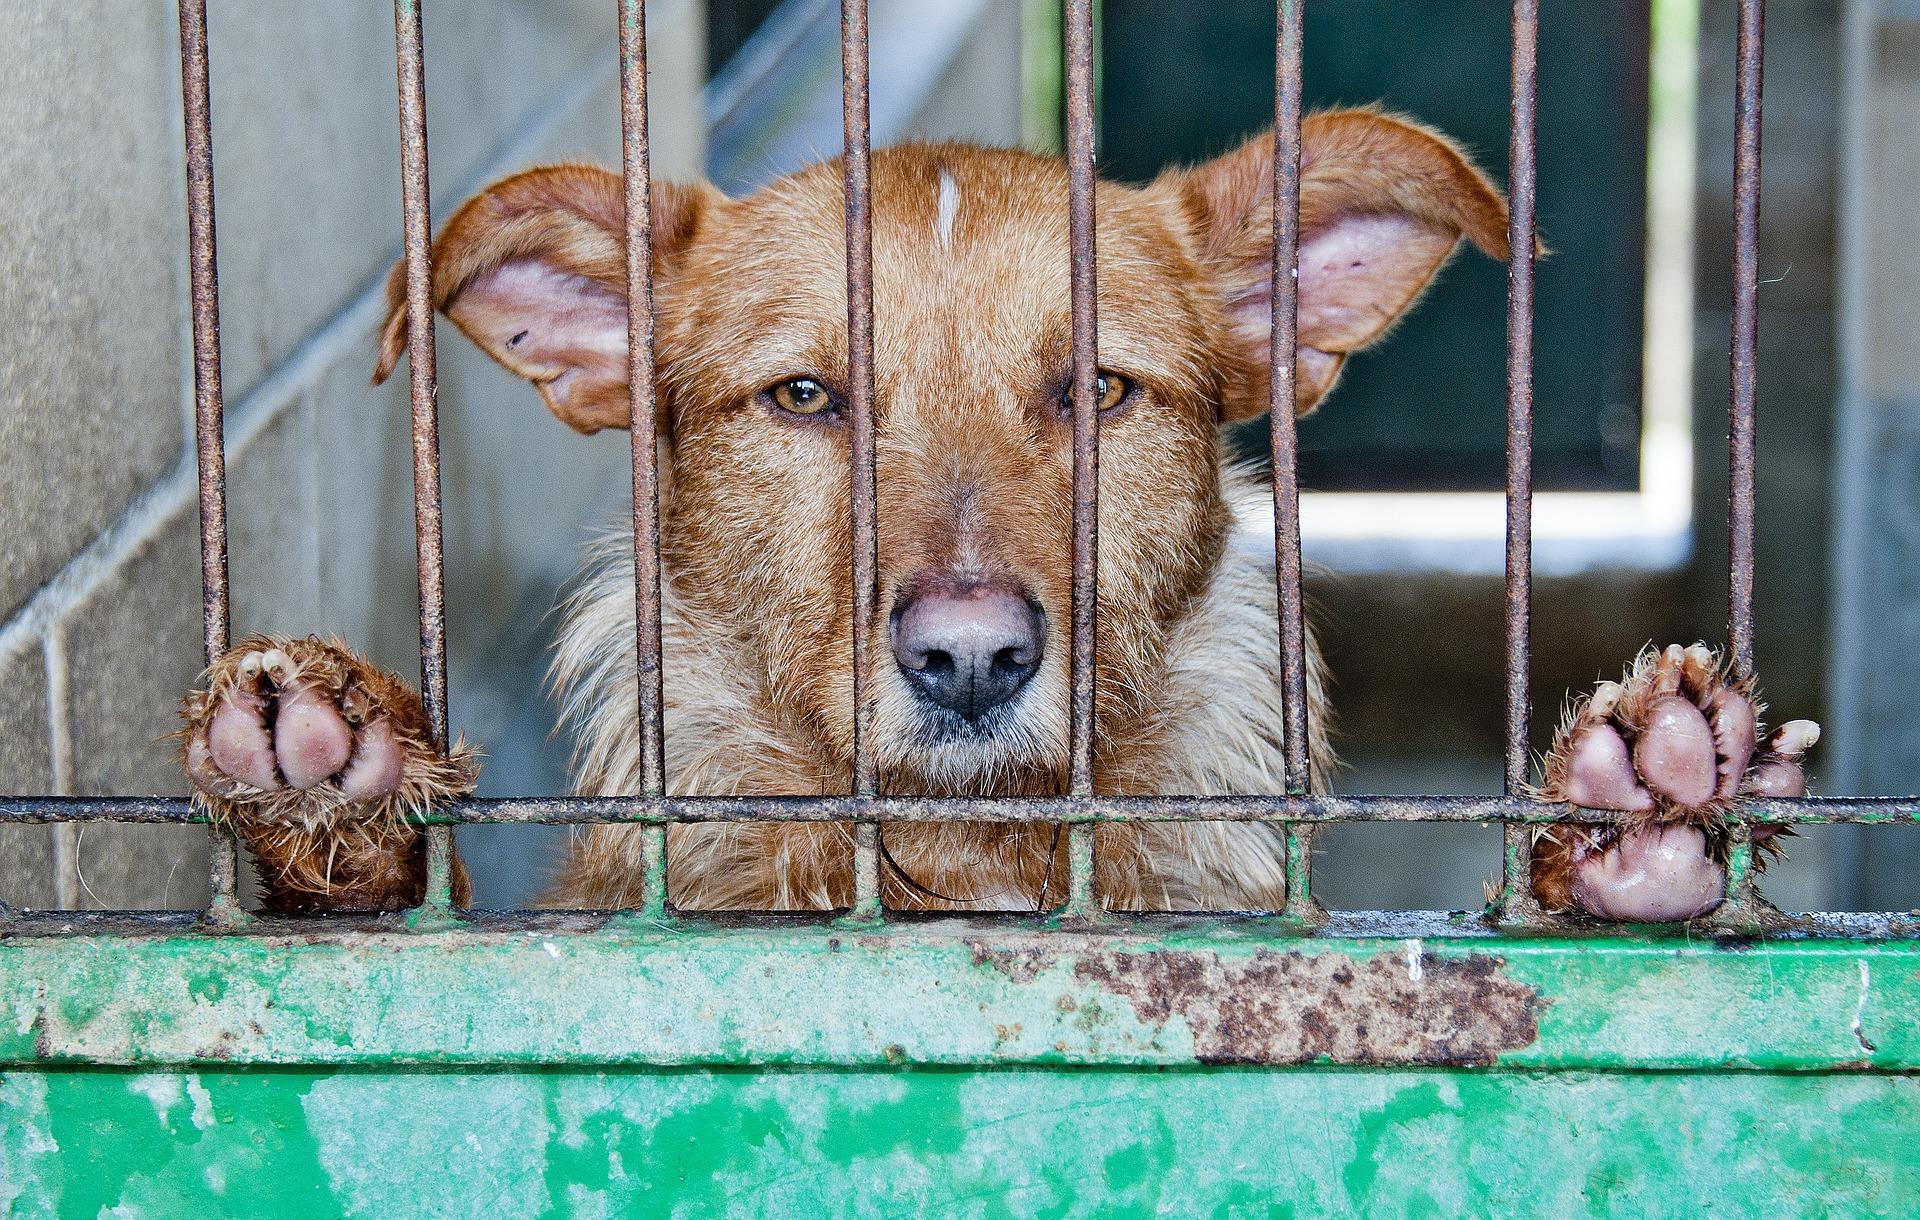 The animal rescue site legitimate